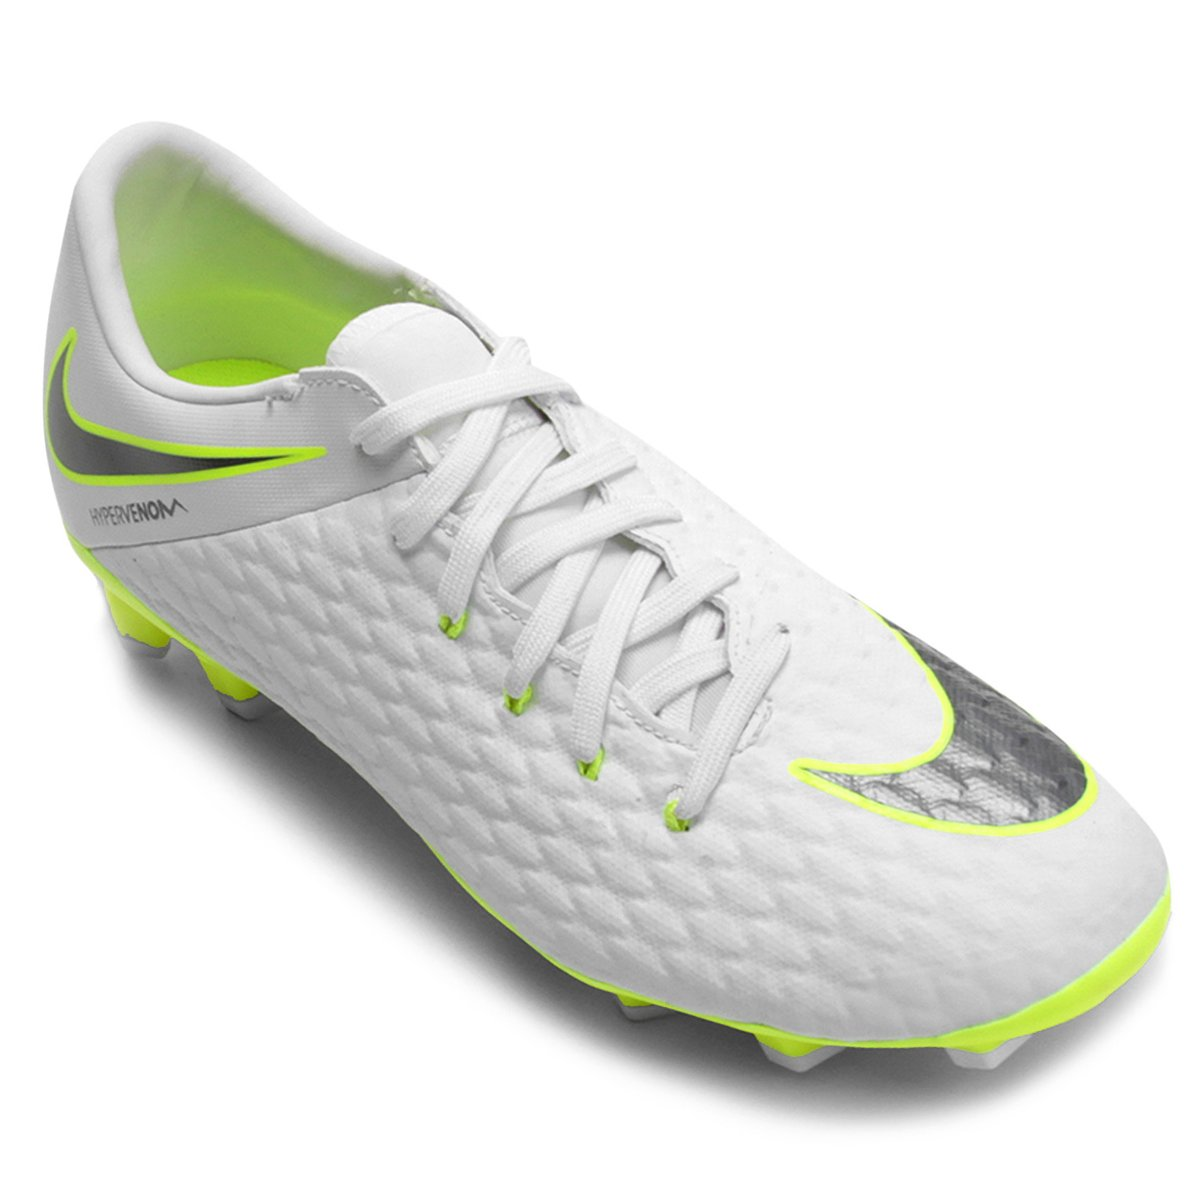 47a53e2b3b2ef Chuteira Campo Nike Hypervenom Phantom 3 Academy FG - Branco e Cinza -  Compre Agora